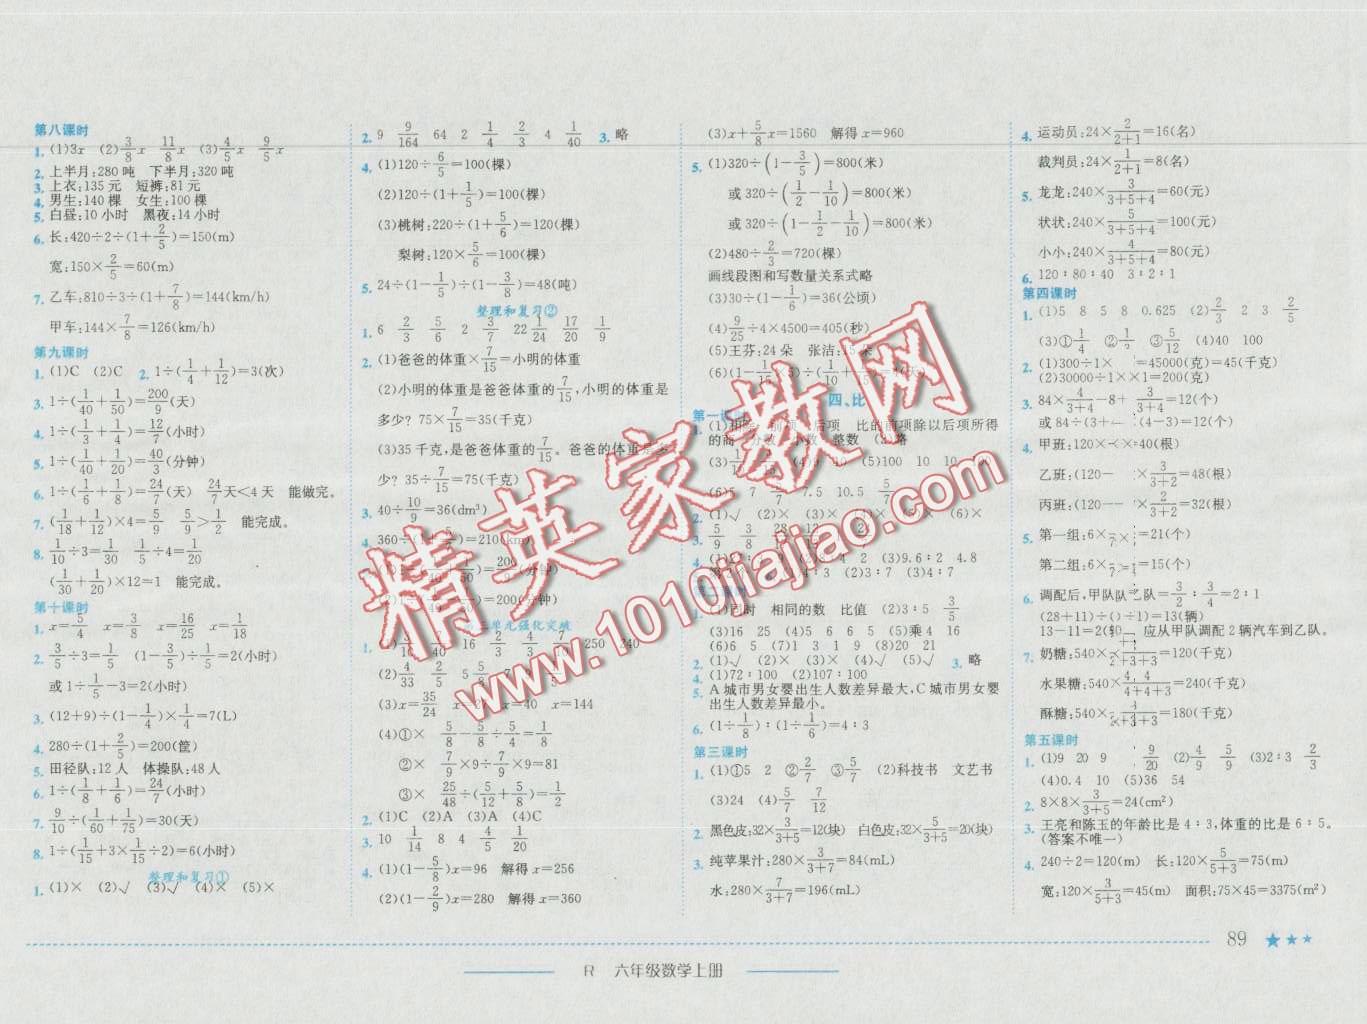 2016年黄冈小状元作业本六年级数学上册人教版第3页